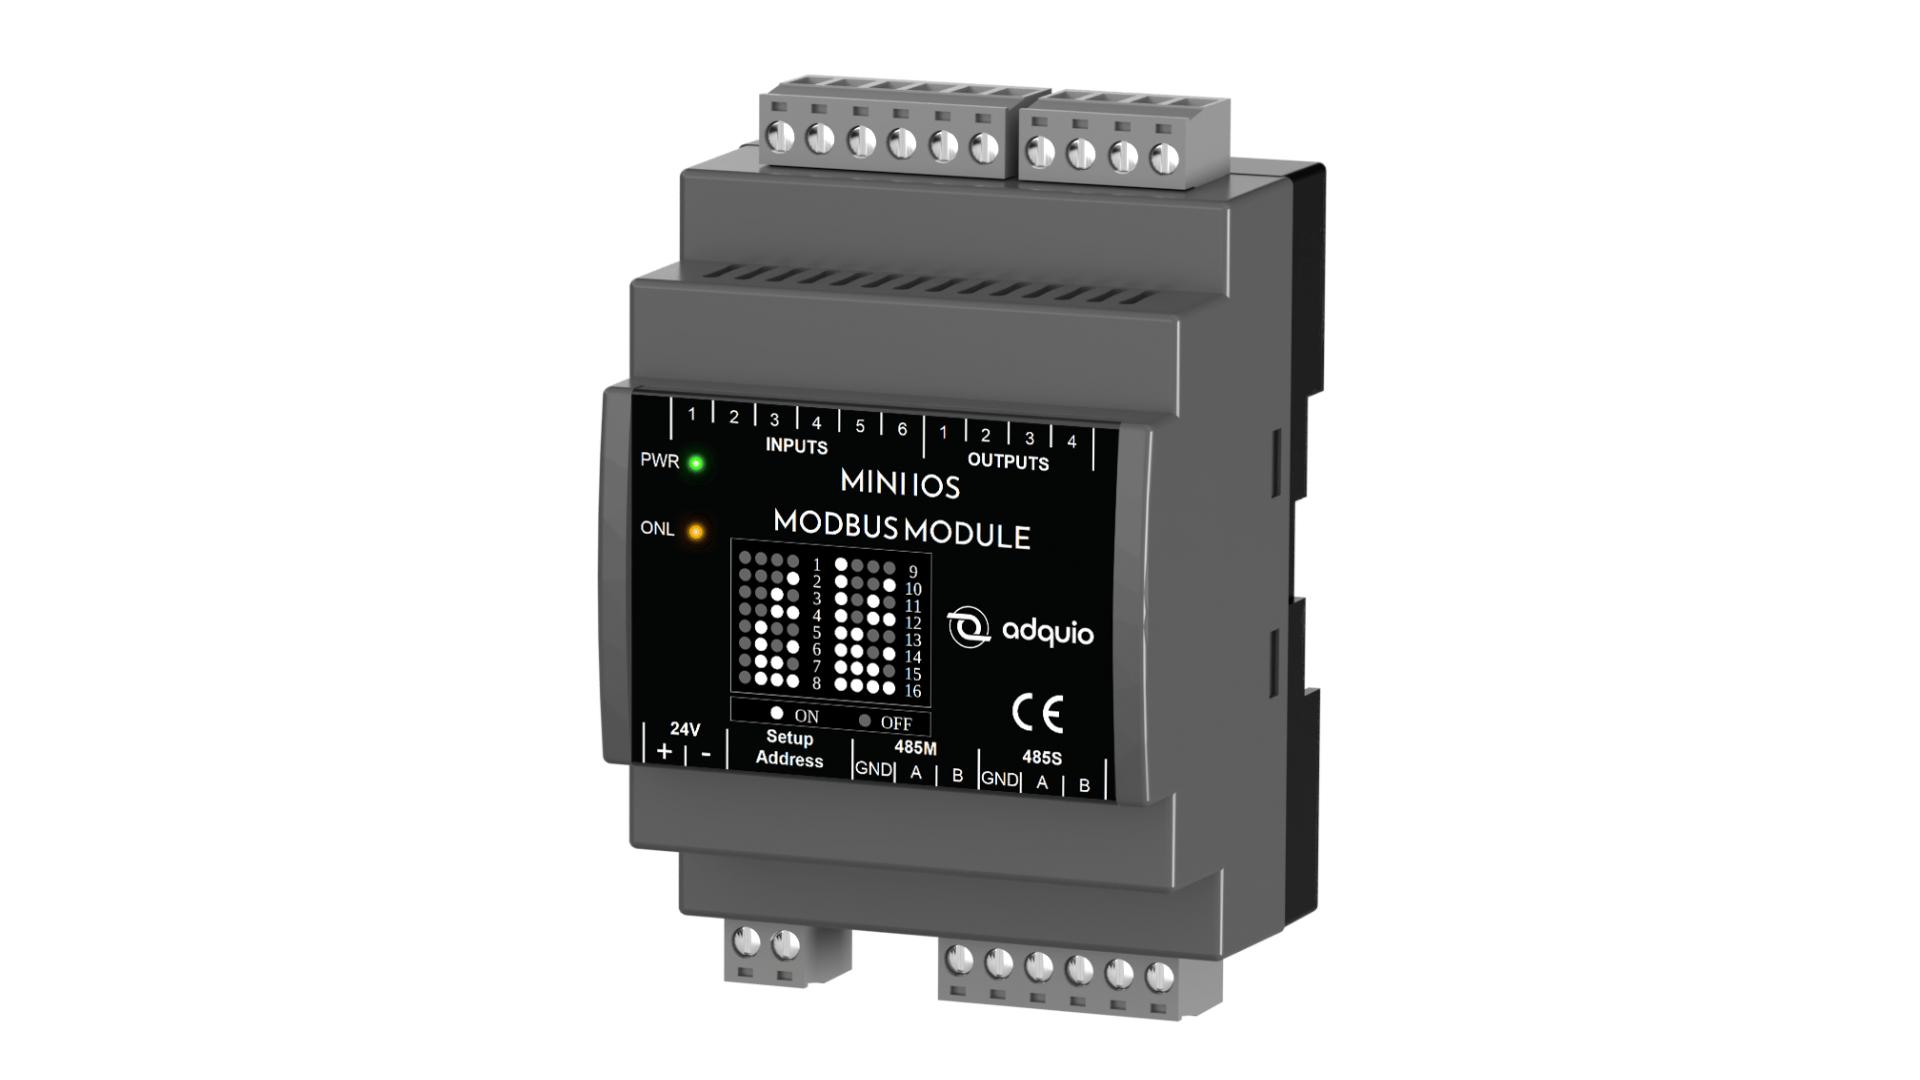 adquio mini IOS modbus module